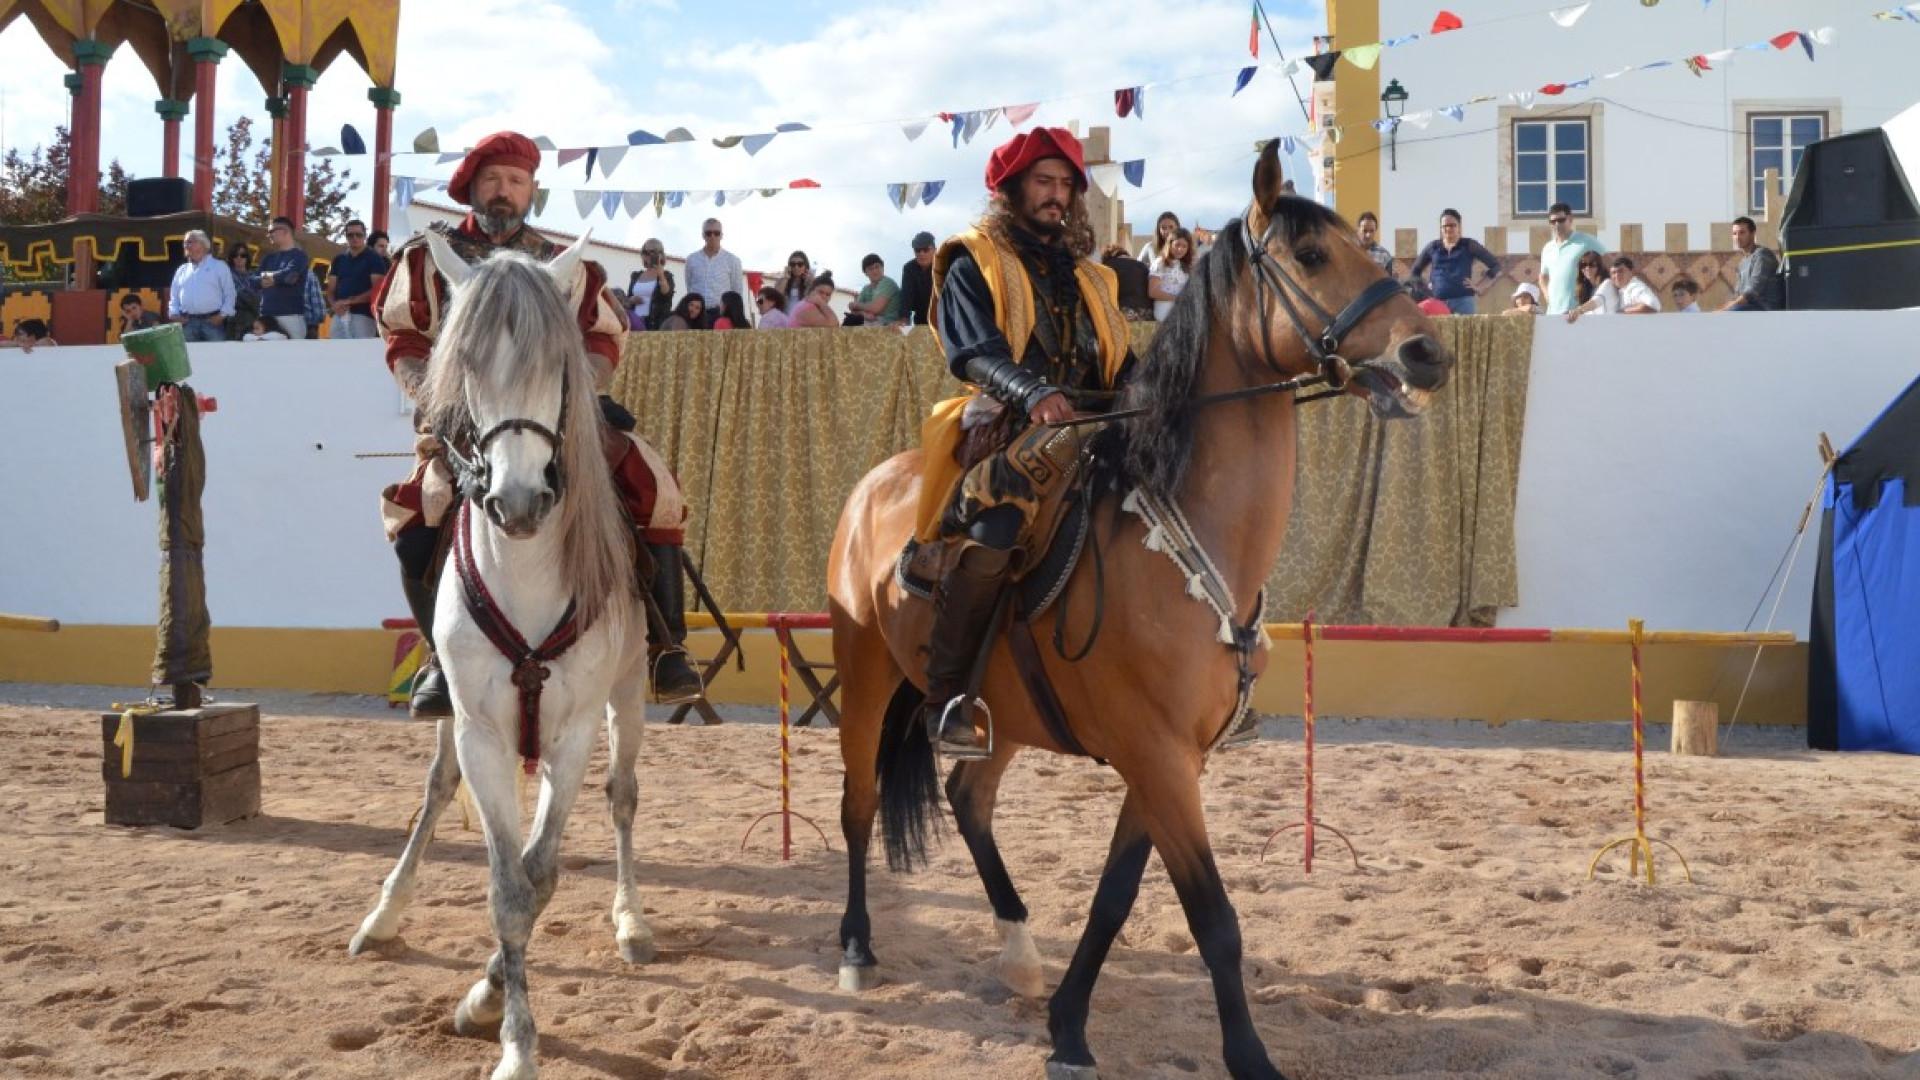 Feira Medieval Ibérica de Avis reconstitui reinado de D. João I